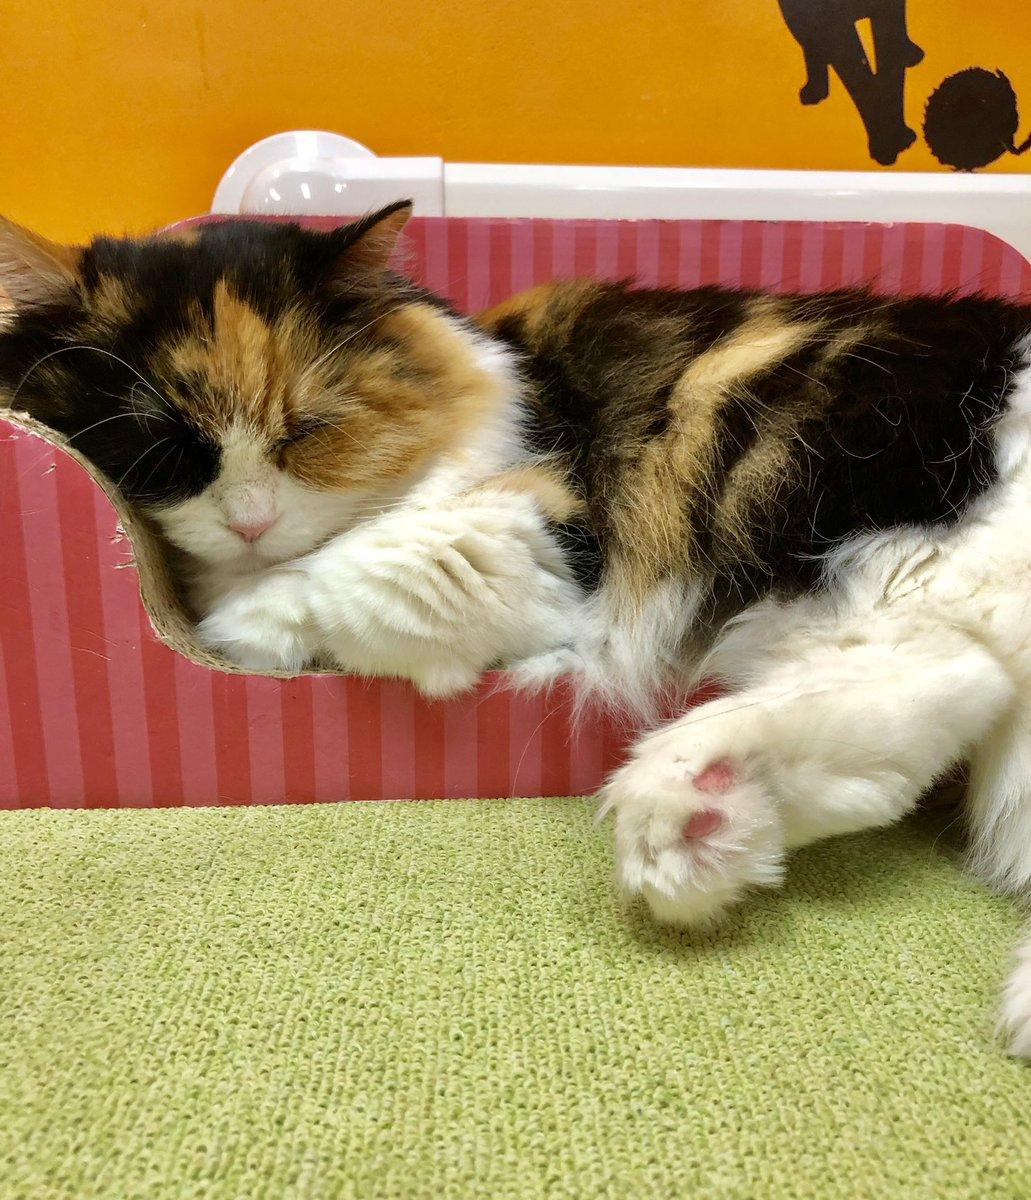 本日も朝からたくさんご来店ありがとうございます😊たくさん遊んでいただき猫スタッフも満足ですっかりおやすみモードです💤 勝手ながらネコ体調管理の為本日20時閉店とさせていただきます。ご了承くださいませ🙇♂️  #美観neko #猫カフェ #美観地区猫カフェ #catcafe  #みかんねこ